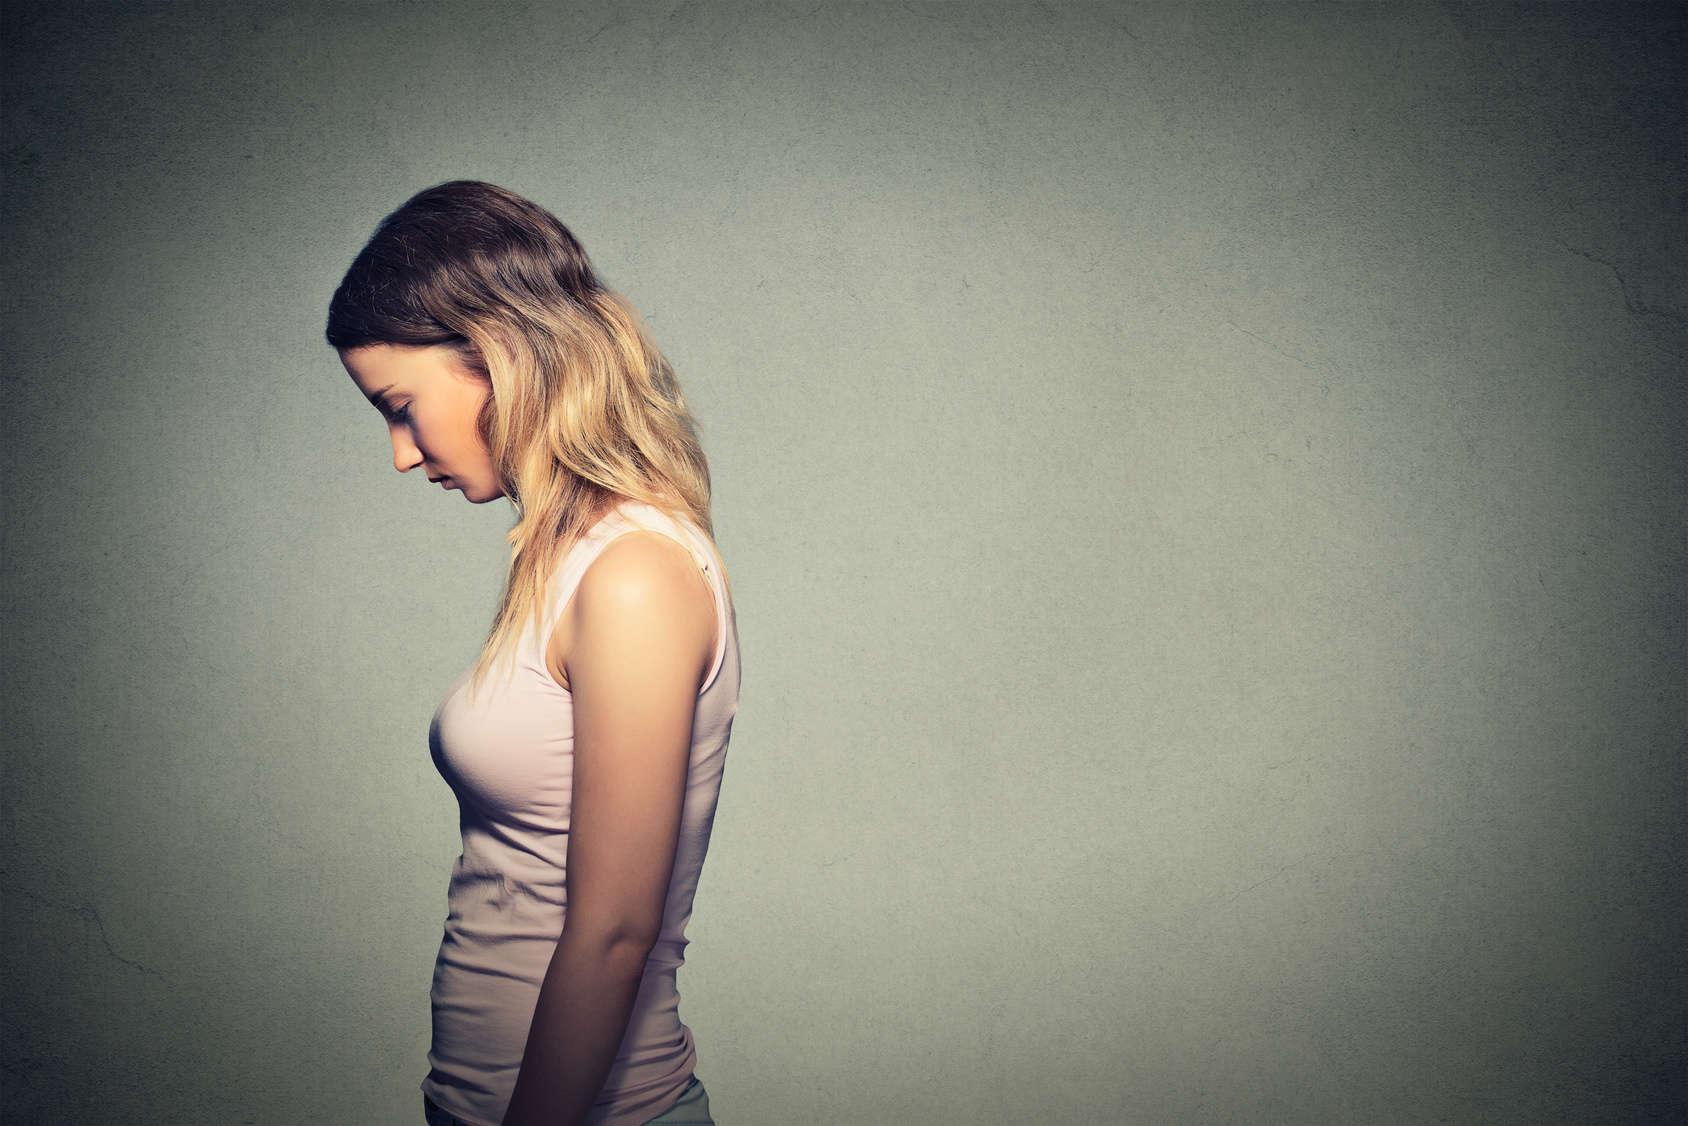 homo oeconomicus: Frau guckt traurig zu boden